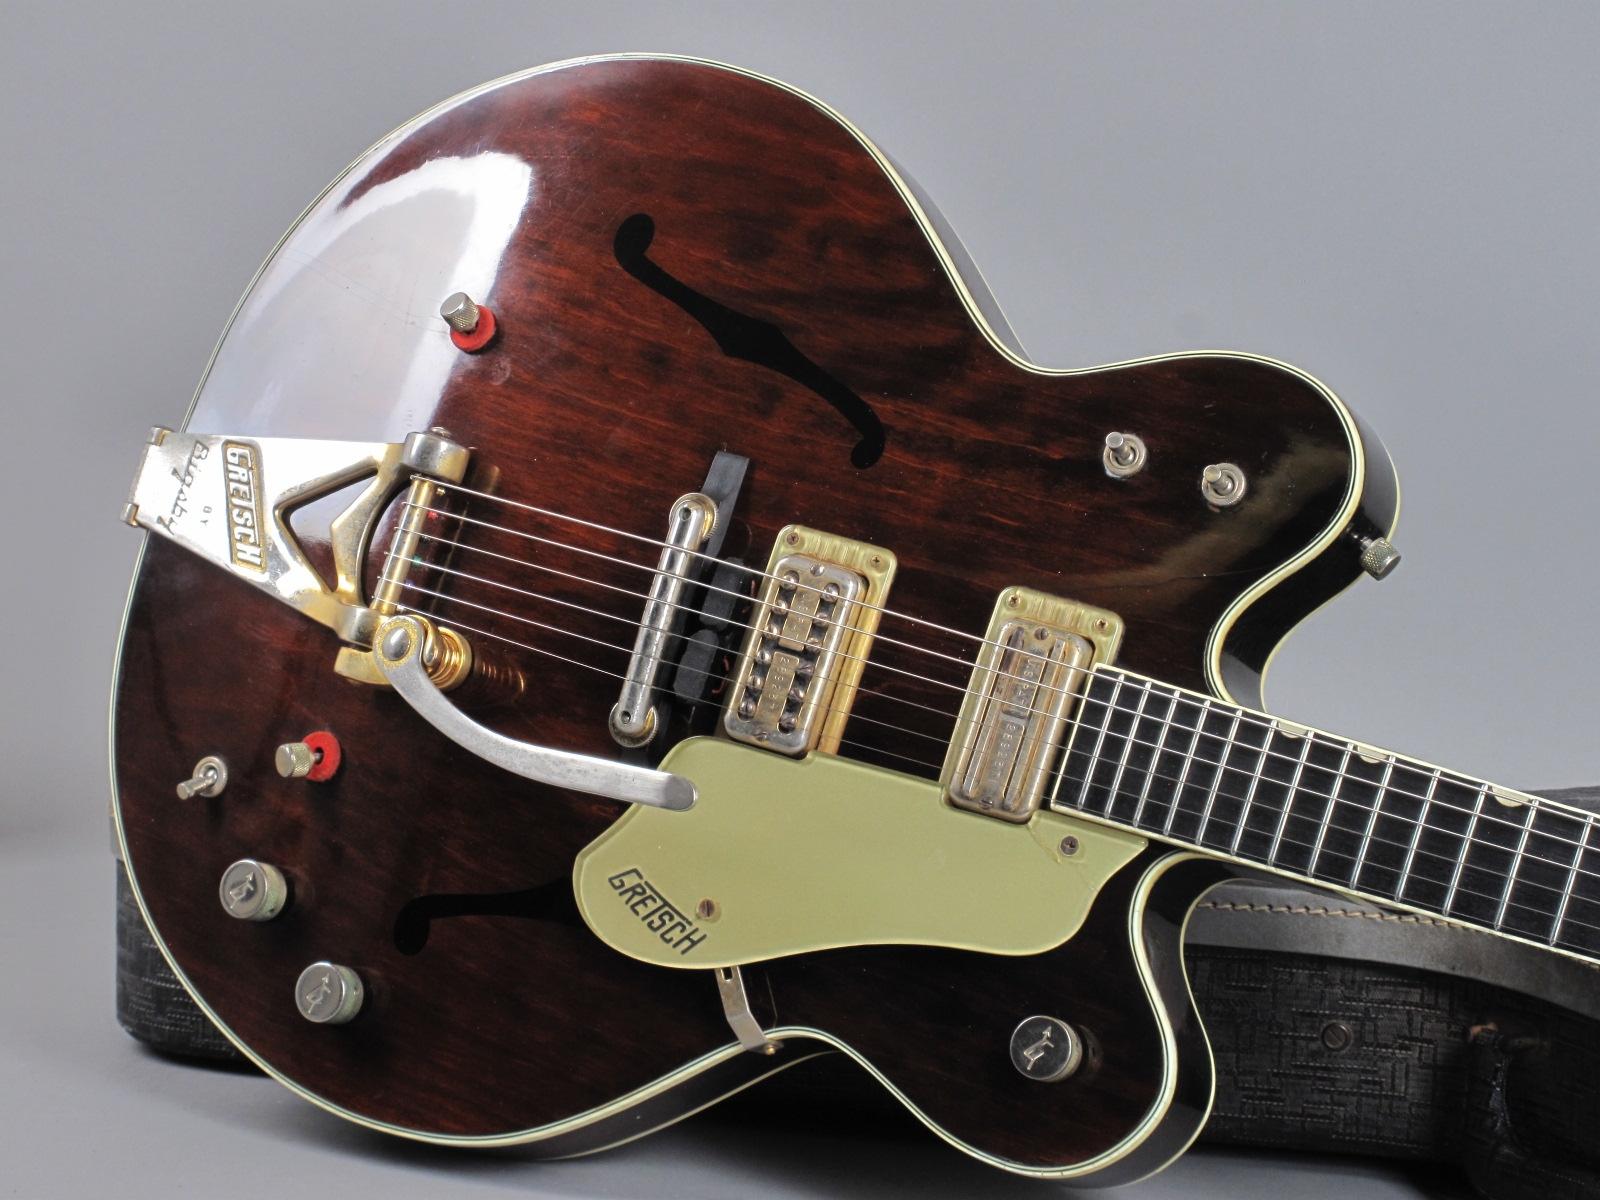 https://guitarpoint.de/app/uploads/products/1964-gretsch-6122-country-gentlemen-mahogany/1964-Gretsch-6122-Country-Gentlemen-77624_19.jpg